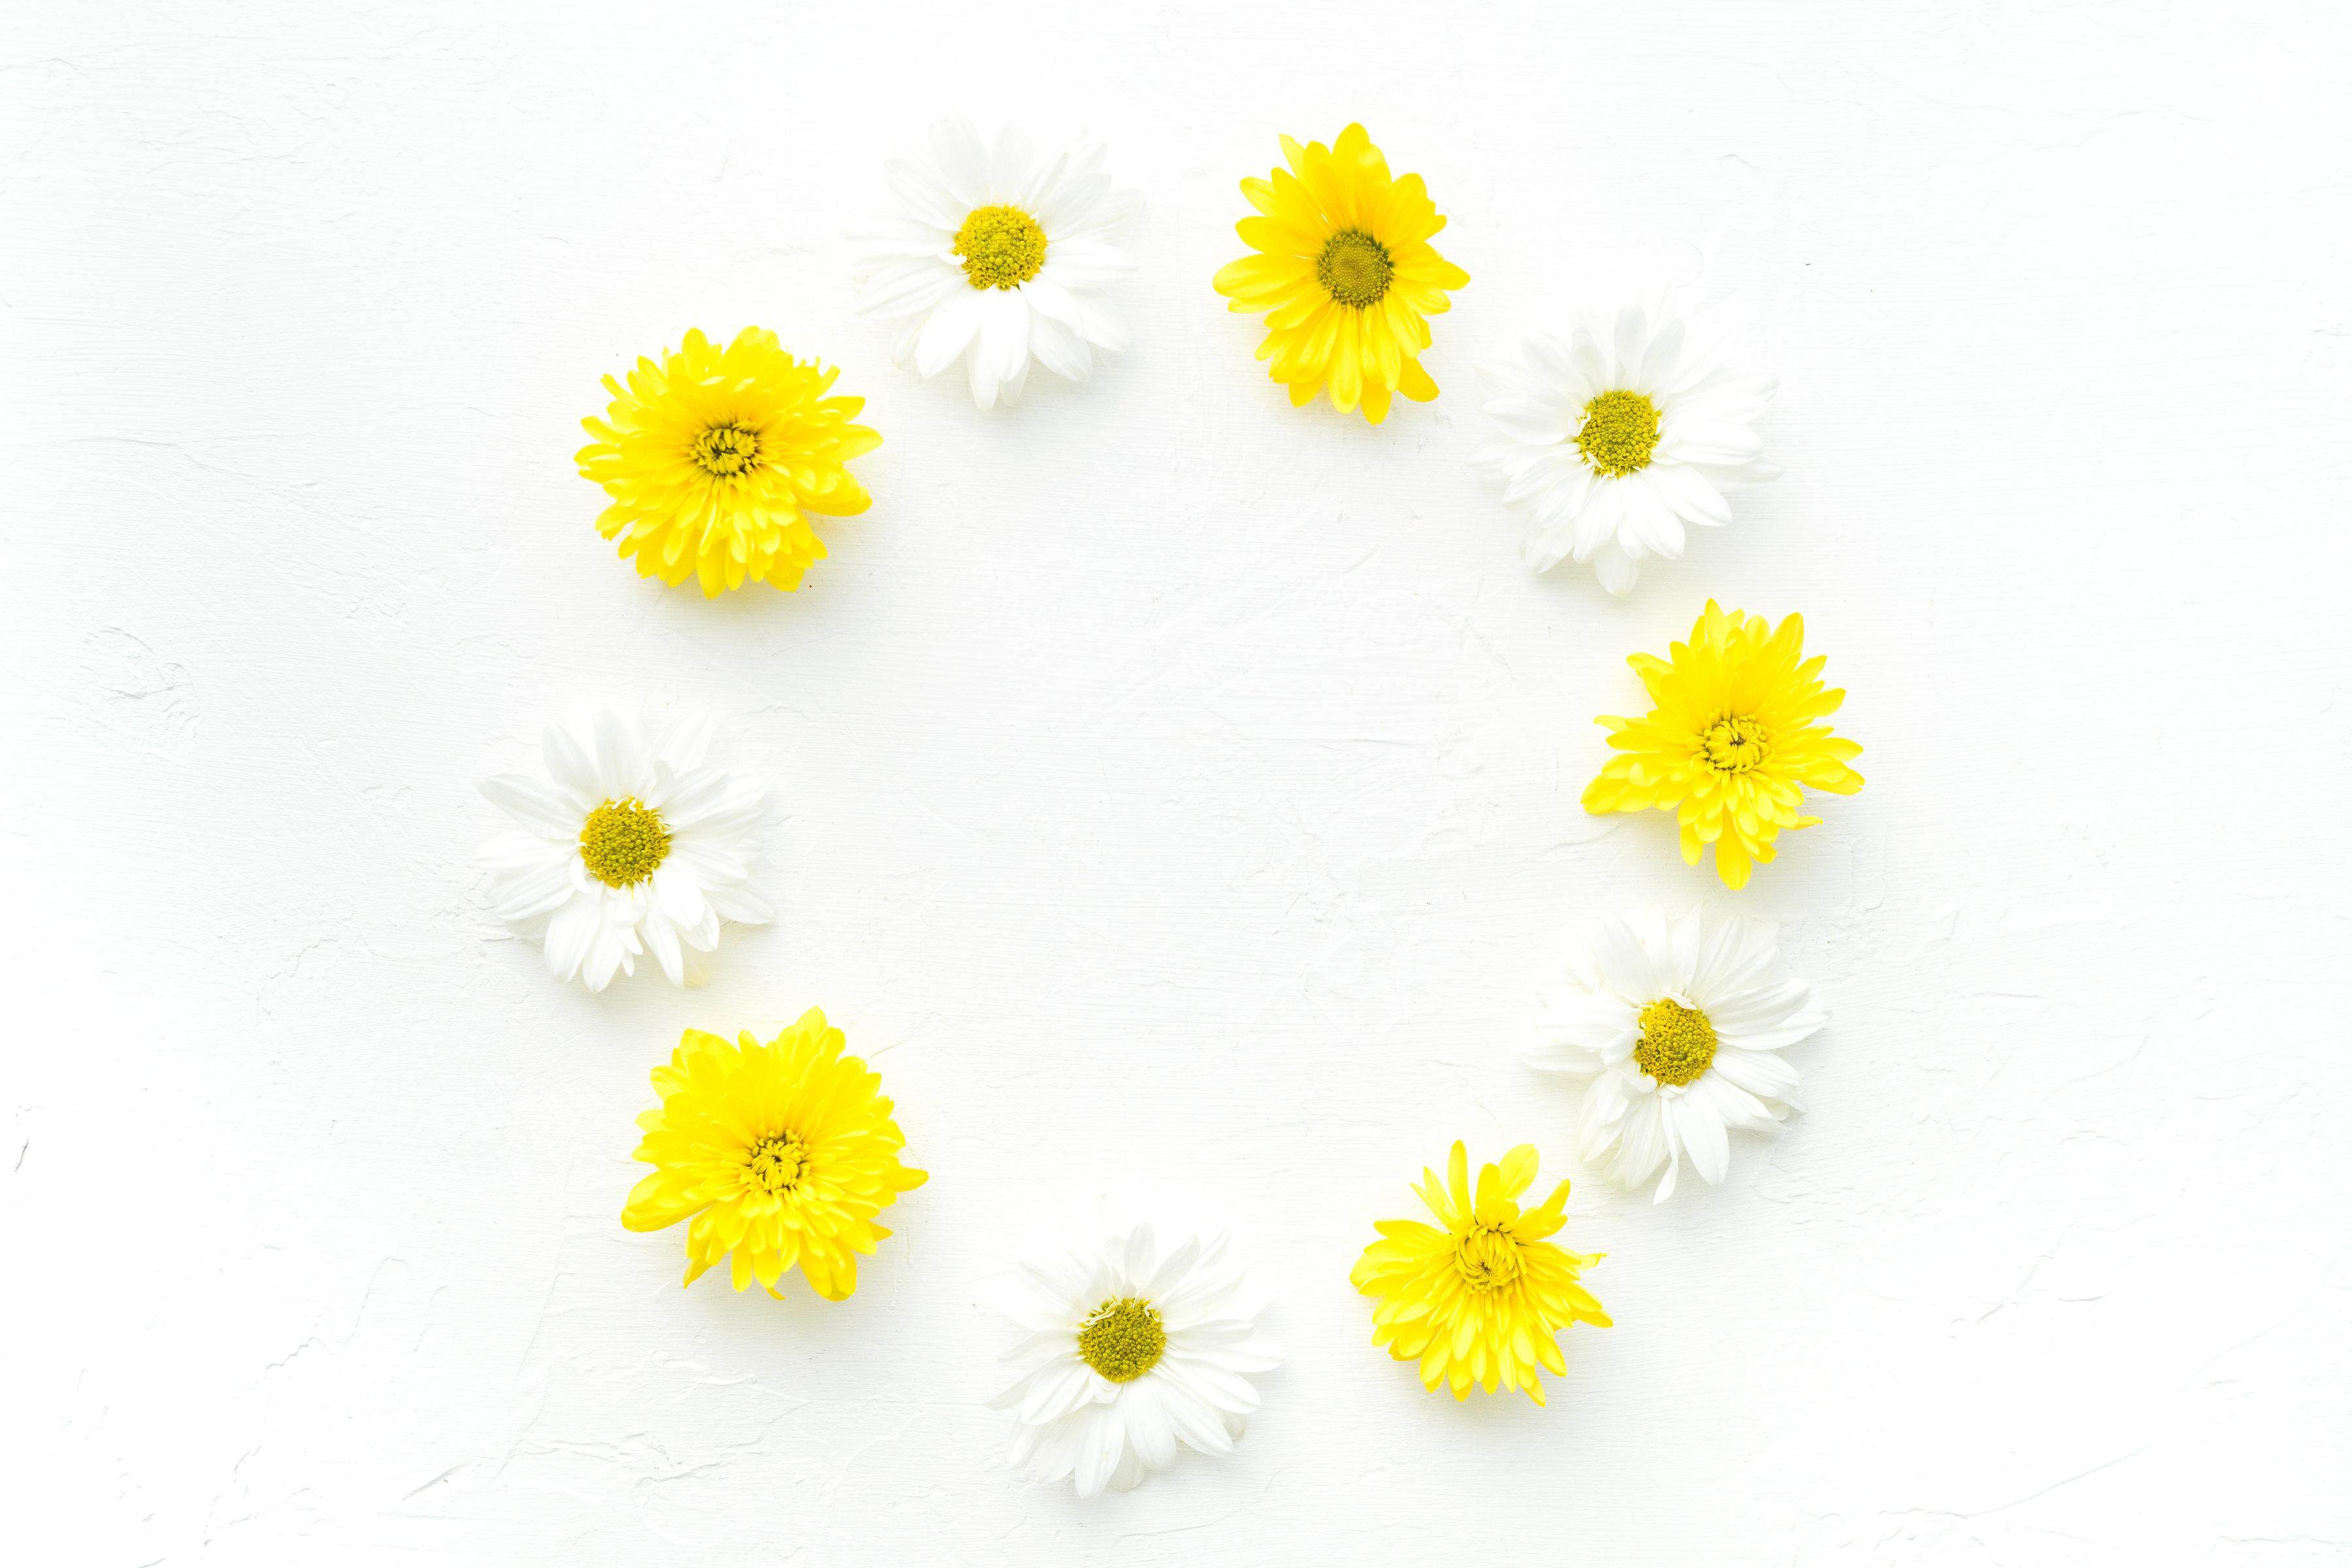 White and Yellow Daisy Wallpaper.jpg